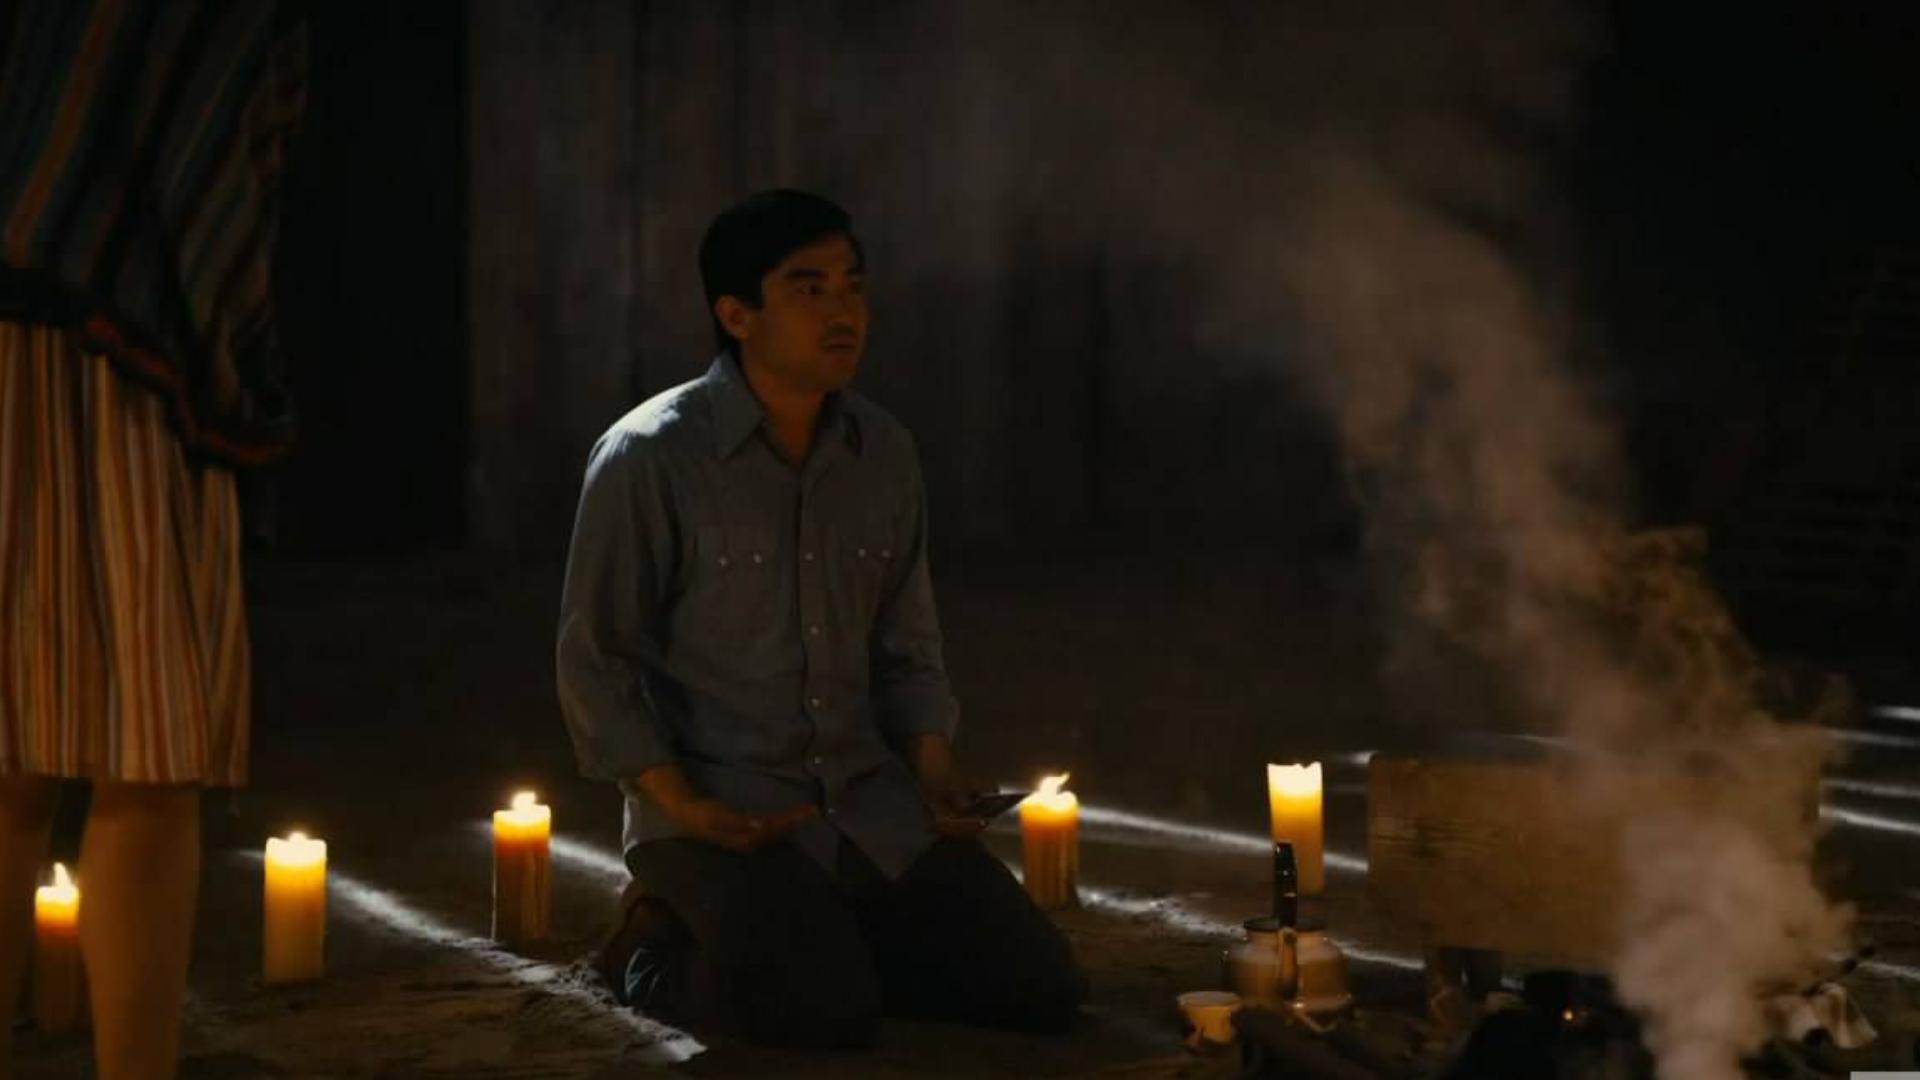 【长工】小伙通灵失败被恶灵附身,导致弟弟灵魂被带走《极地恶灵》第二季 第8期